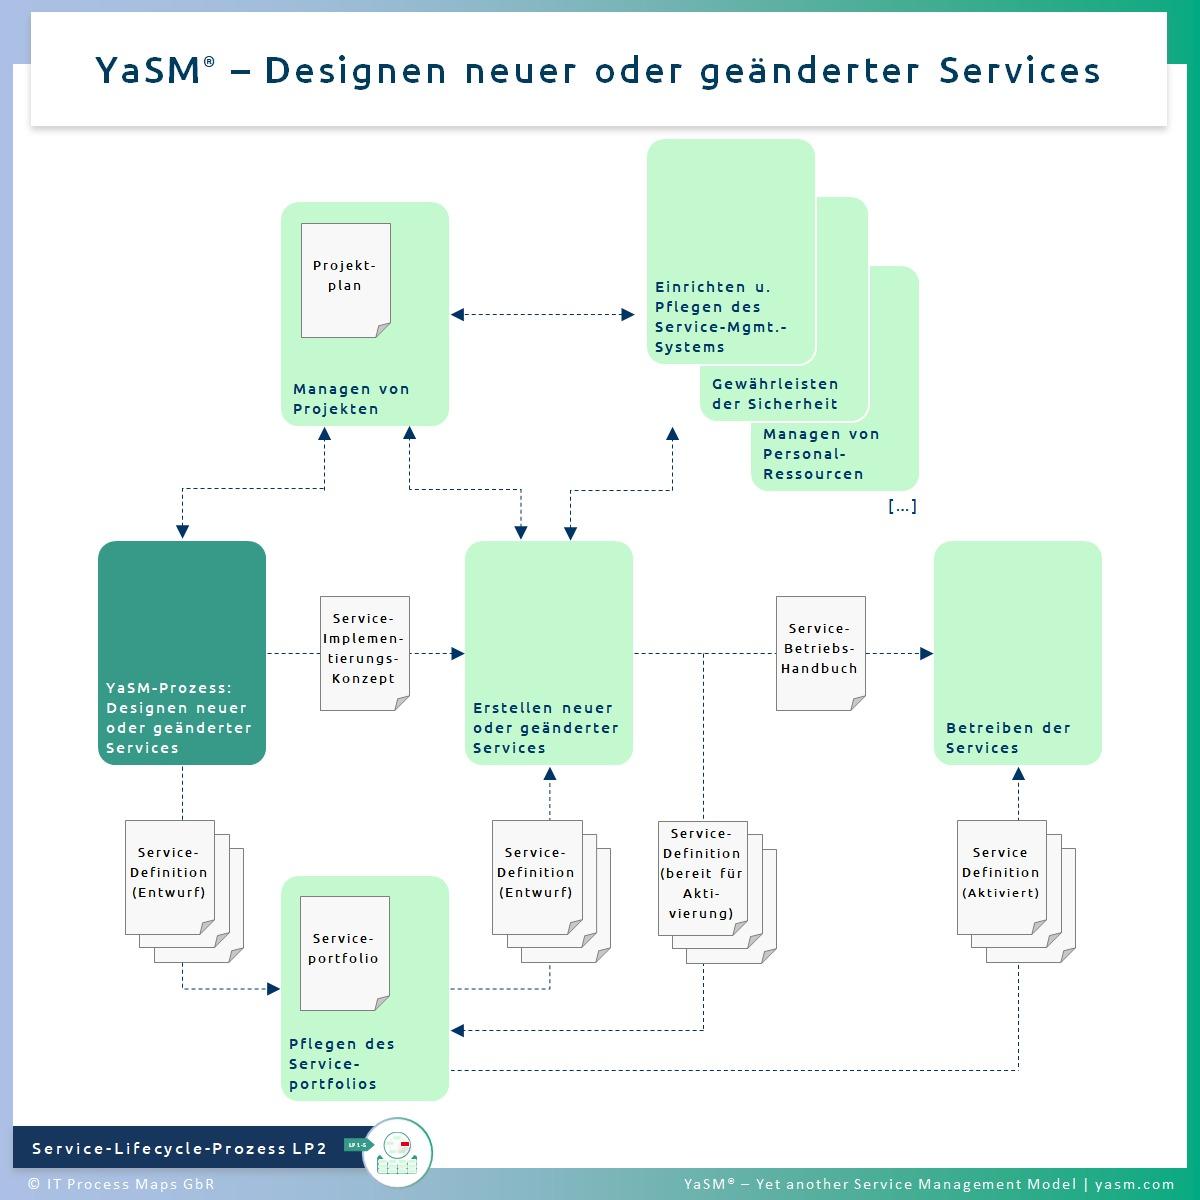 Abb. 1: Designen neuer oder geänderter Services. - YaSM Service-Design-Prozess LP2. - Kompatibel mit der Practice ITIL 4 Service Design.